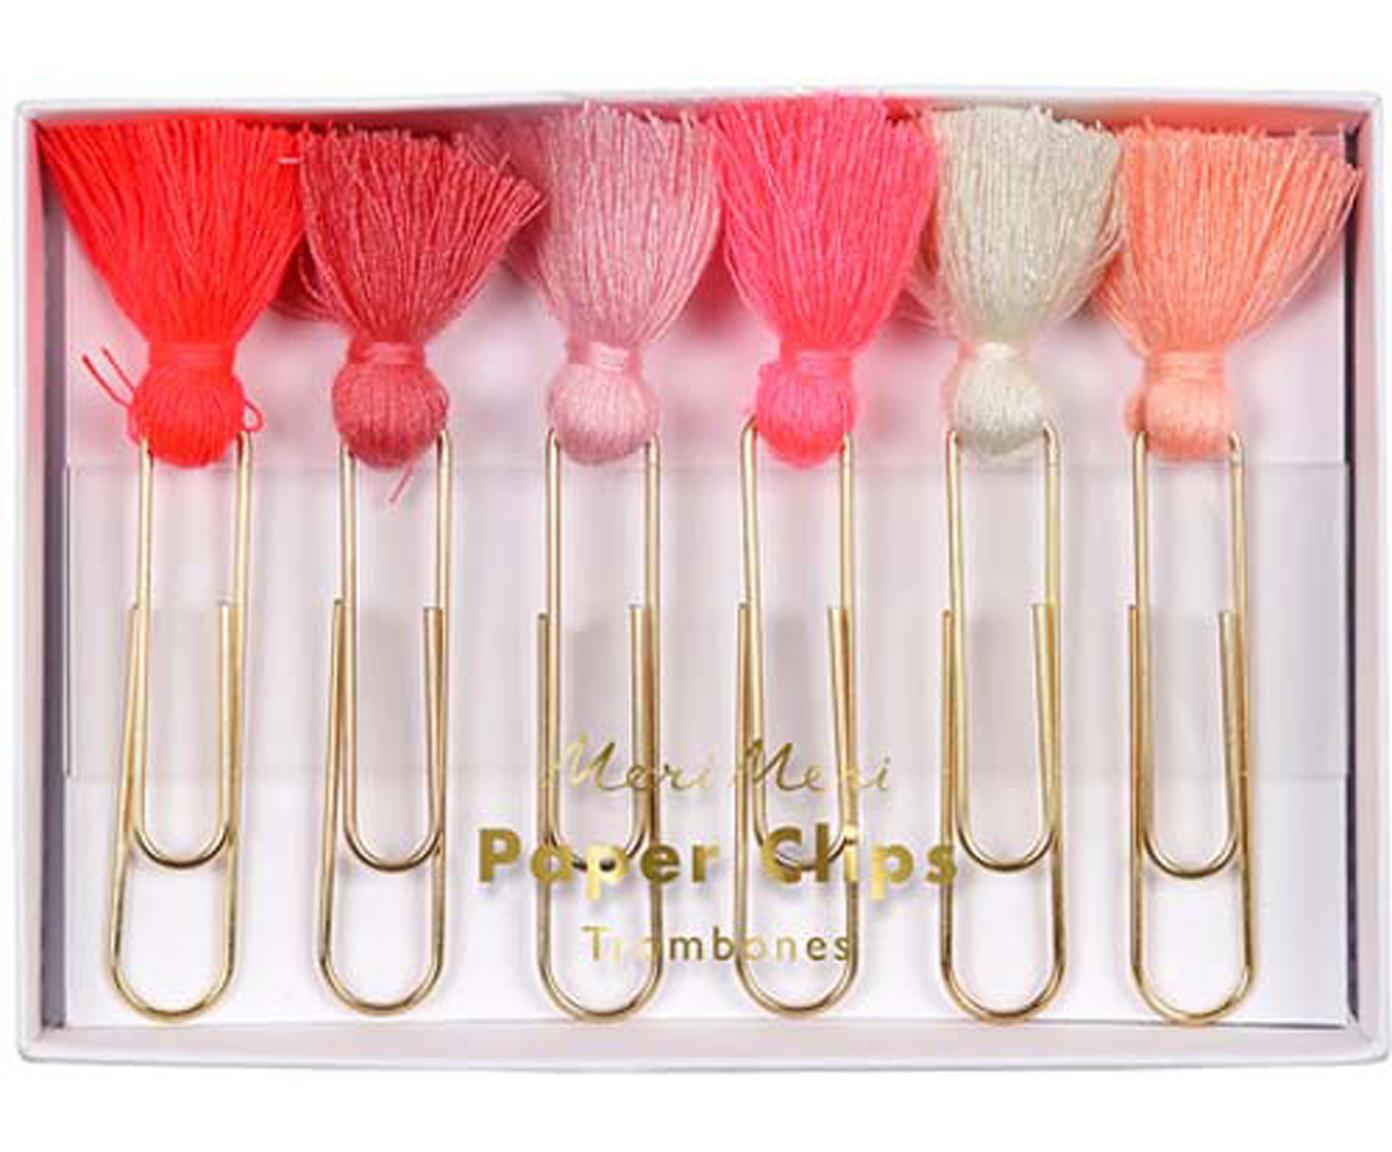 Komplet spinaczy biurowych Clippy, 6 elem., Metal lakierowany, poliester, Odcienie różowego, odcienie czerwonego, kremowy, odcienie złotego, S 2 x W 6 cm